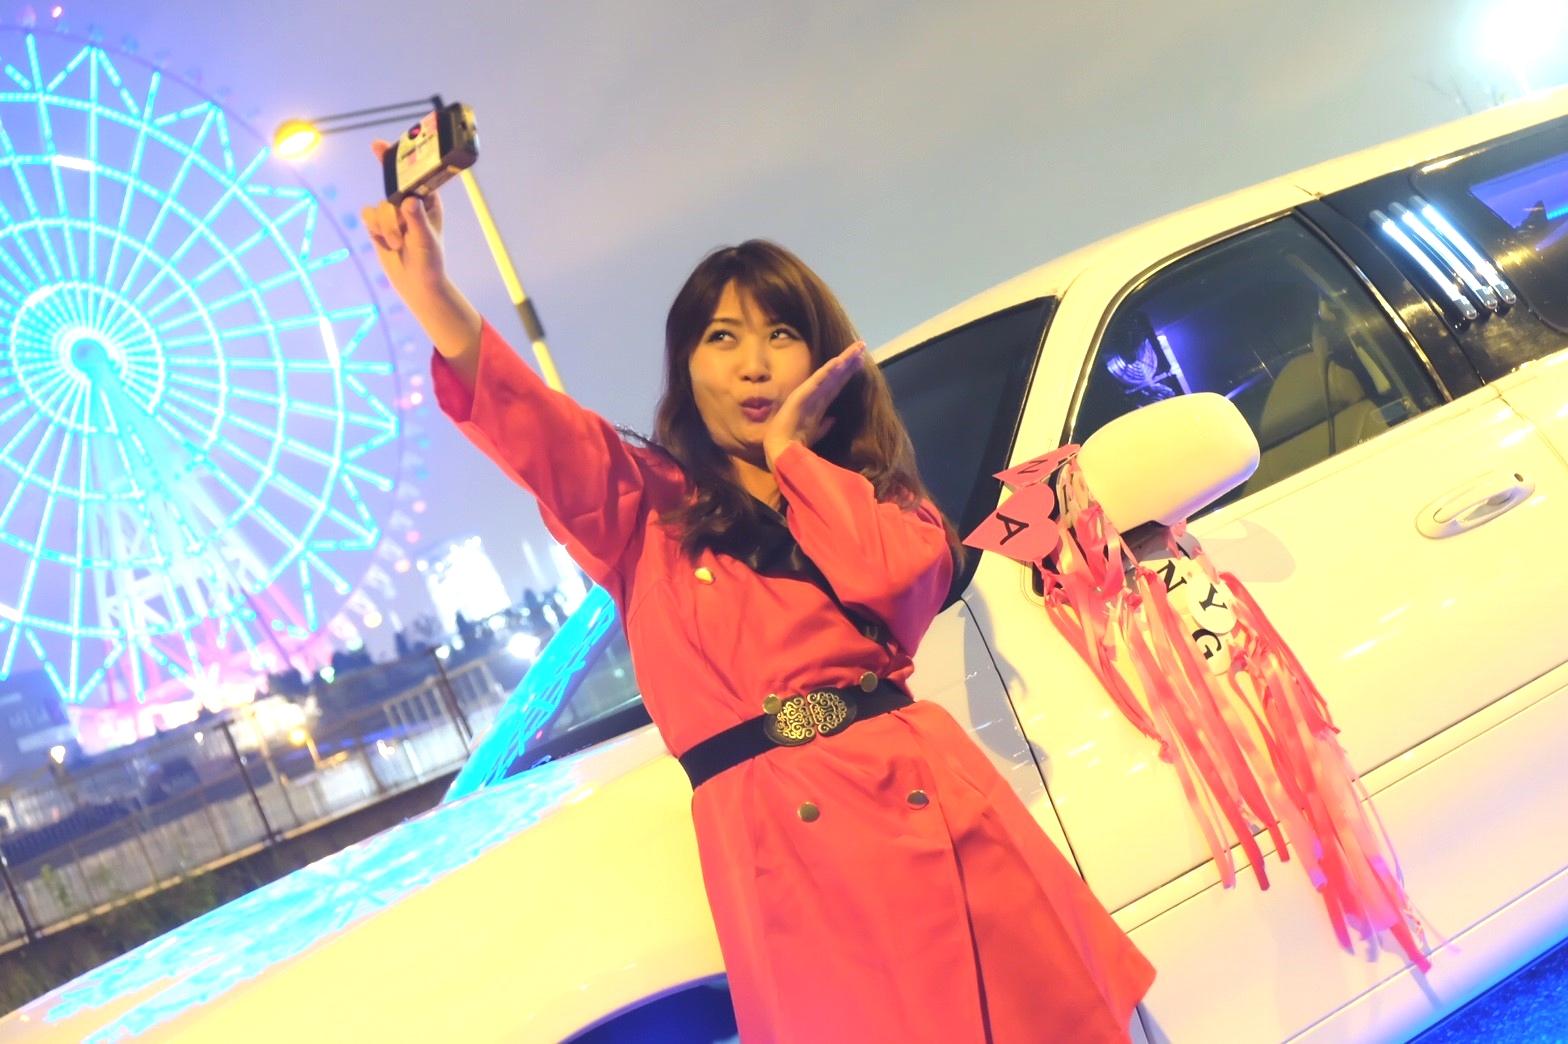 平野ノラもリムジンパーティーでおったまげー (28)